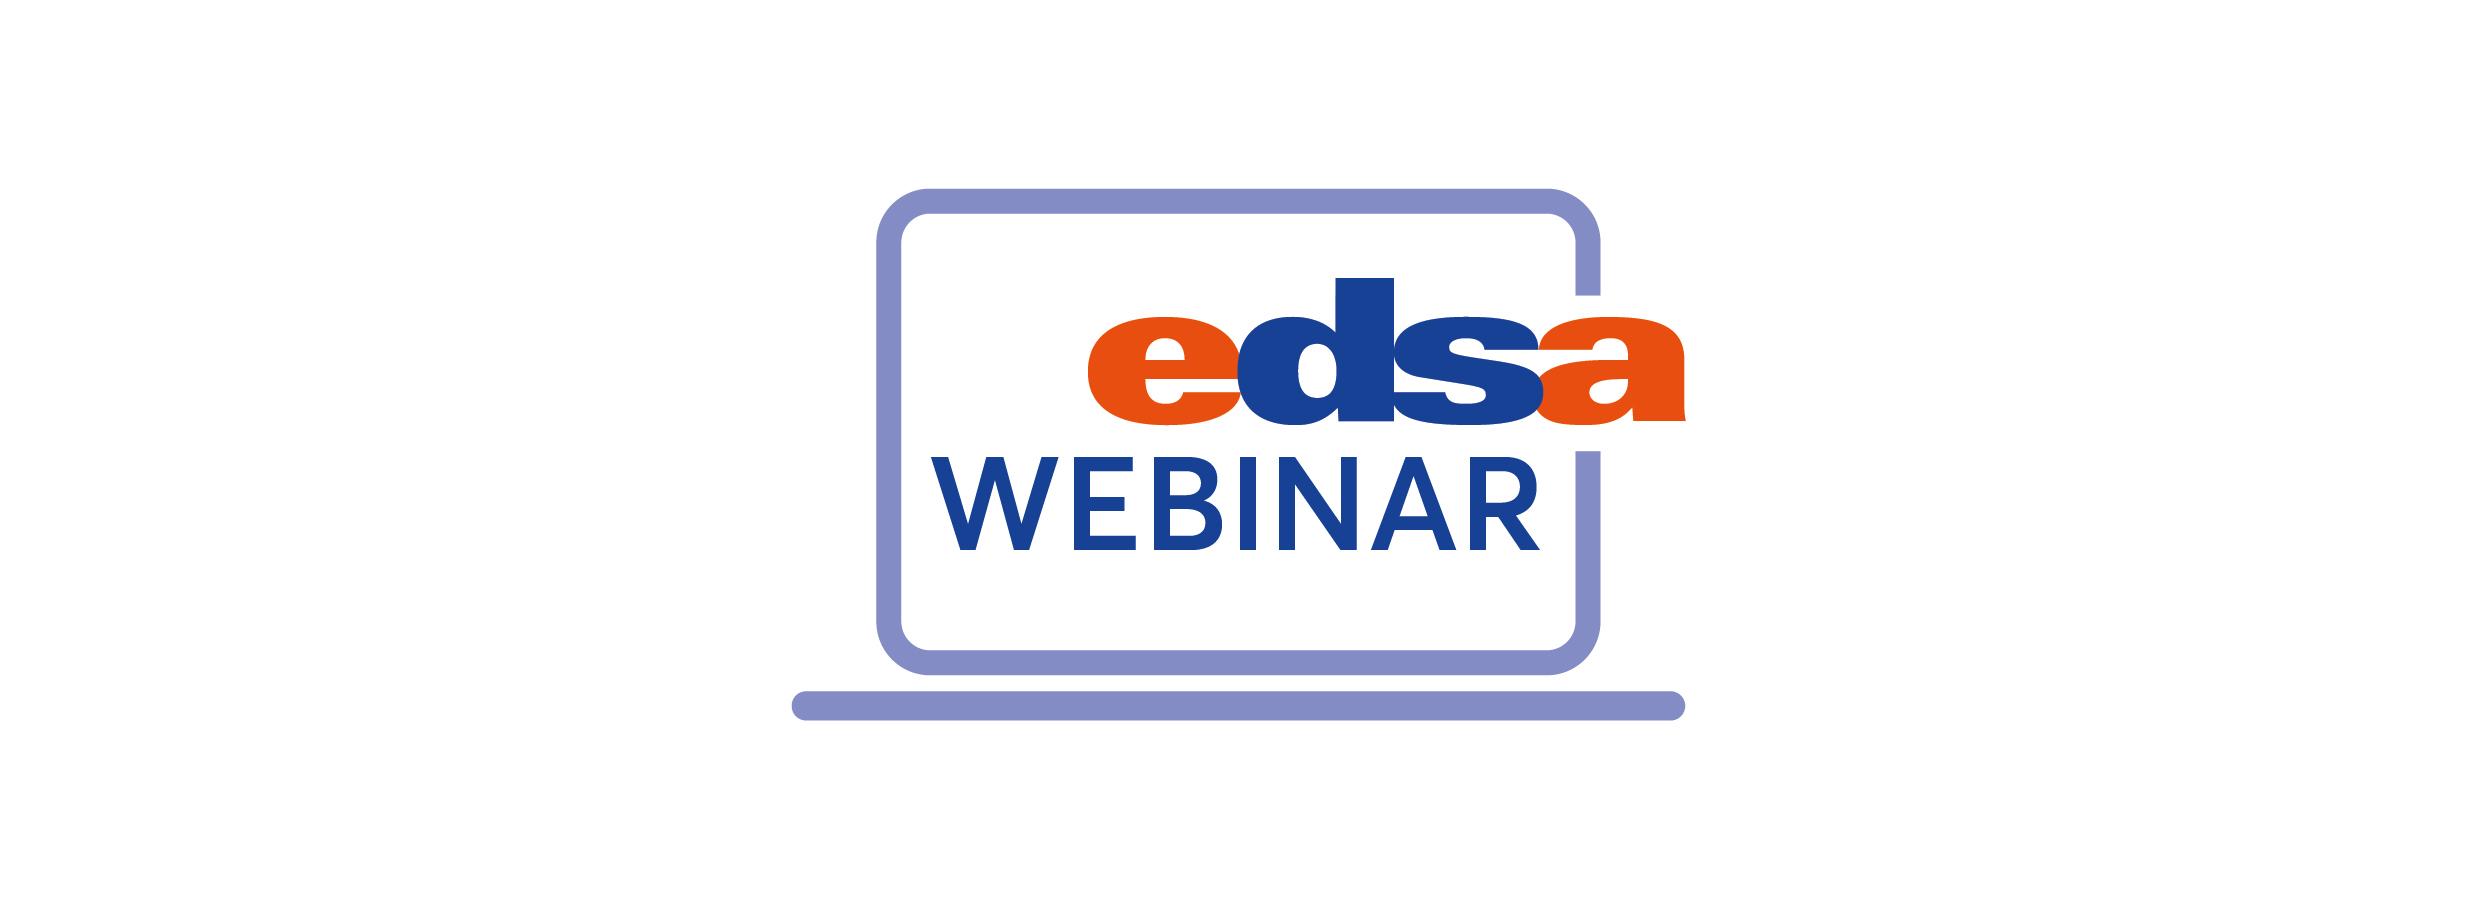 LOgo EDSA Webinar